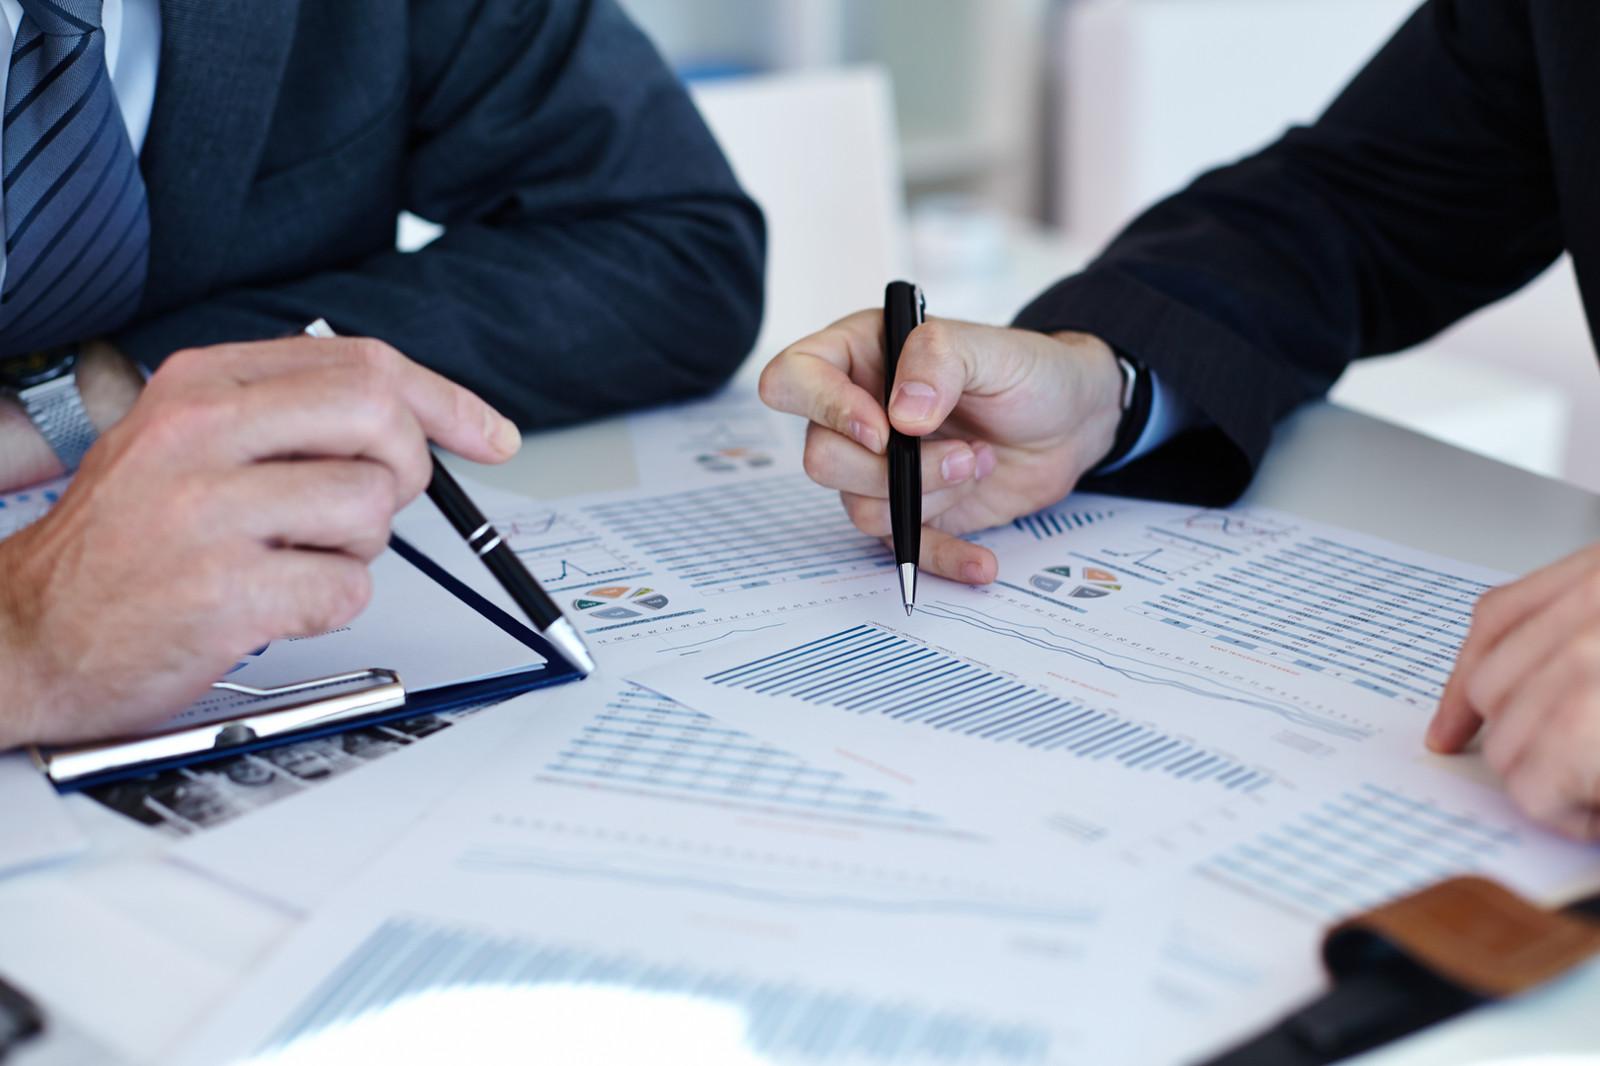 Бухгалтерские услуги банкротство пример договора бухгалтерского обслуживания